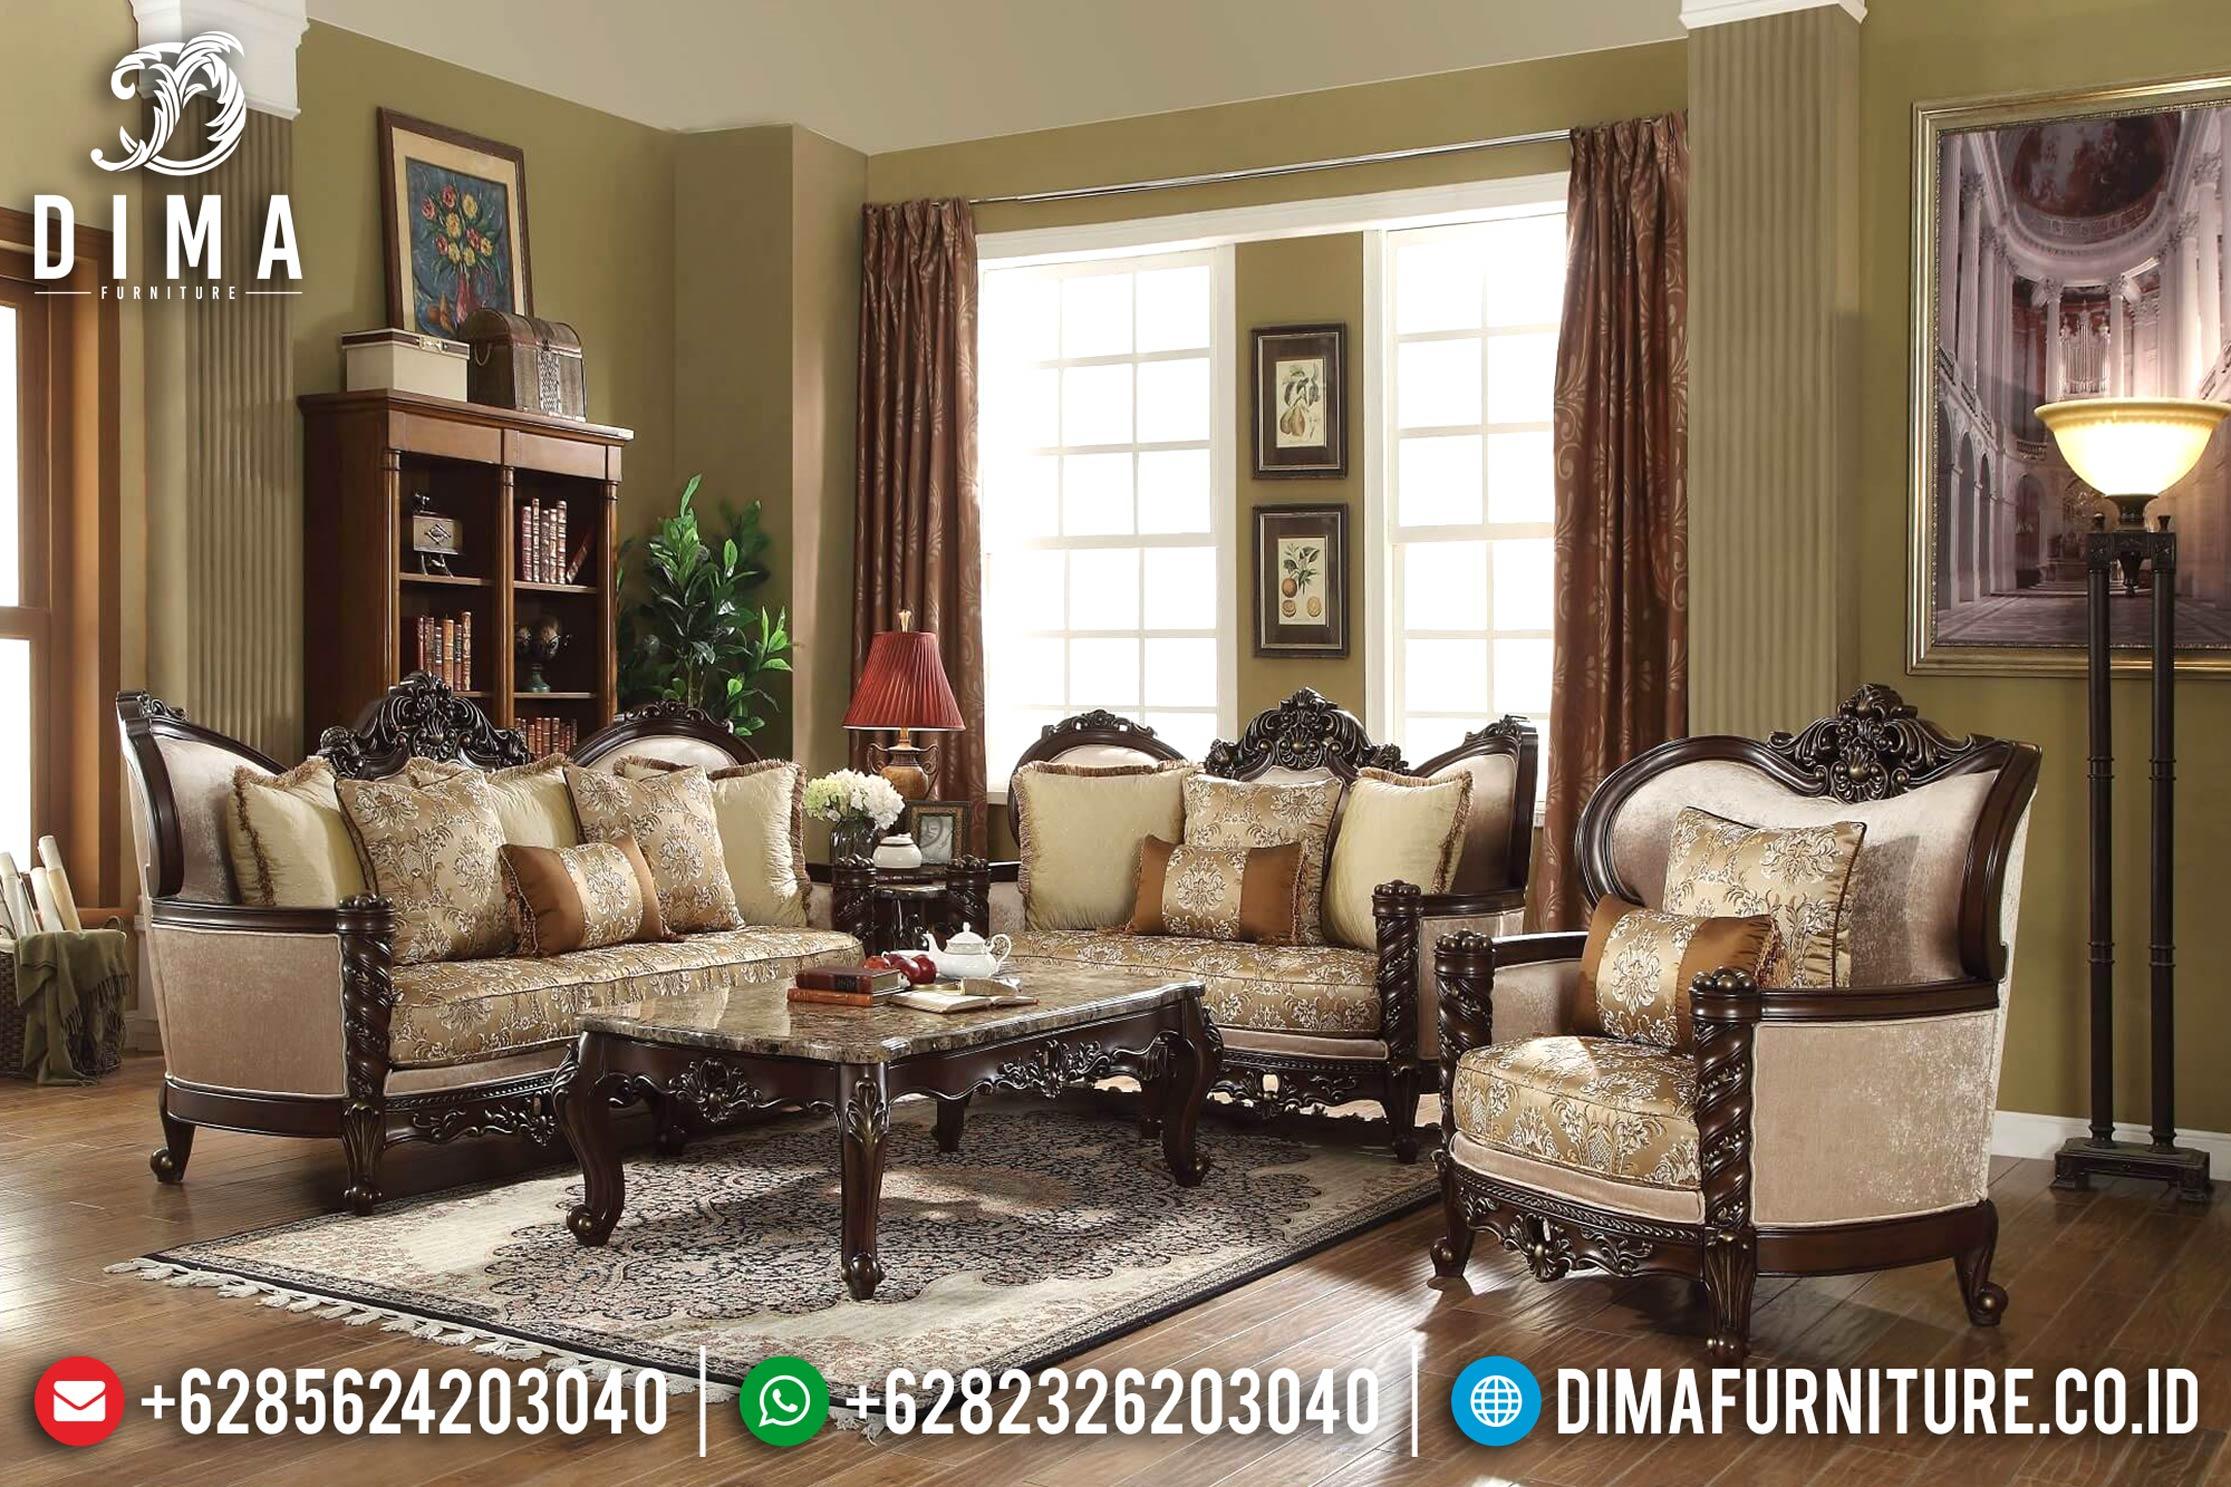 Kursi & Sofa Tamu Mewah Jepara Furniture Indonesia Classic Terbaru DF-0695